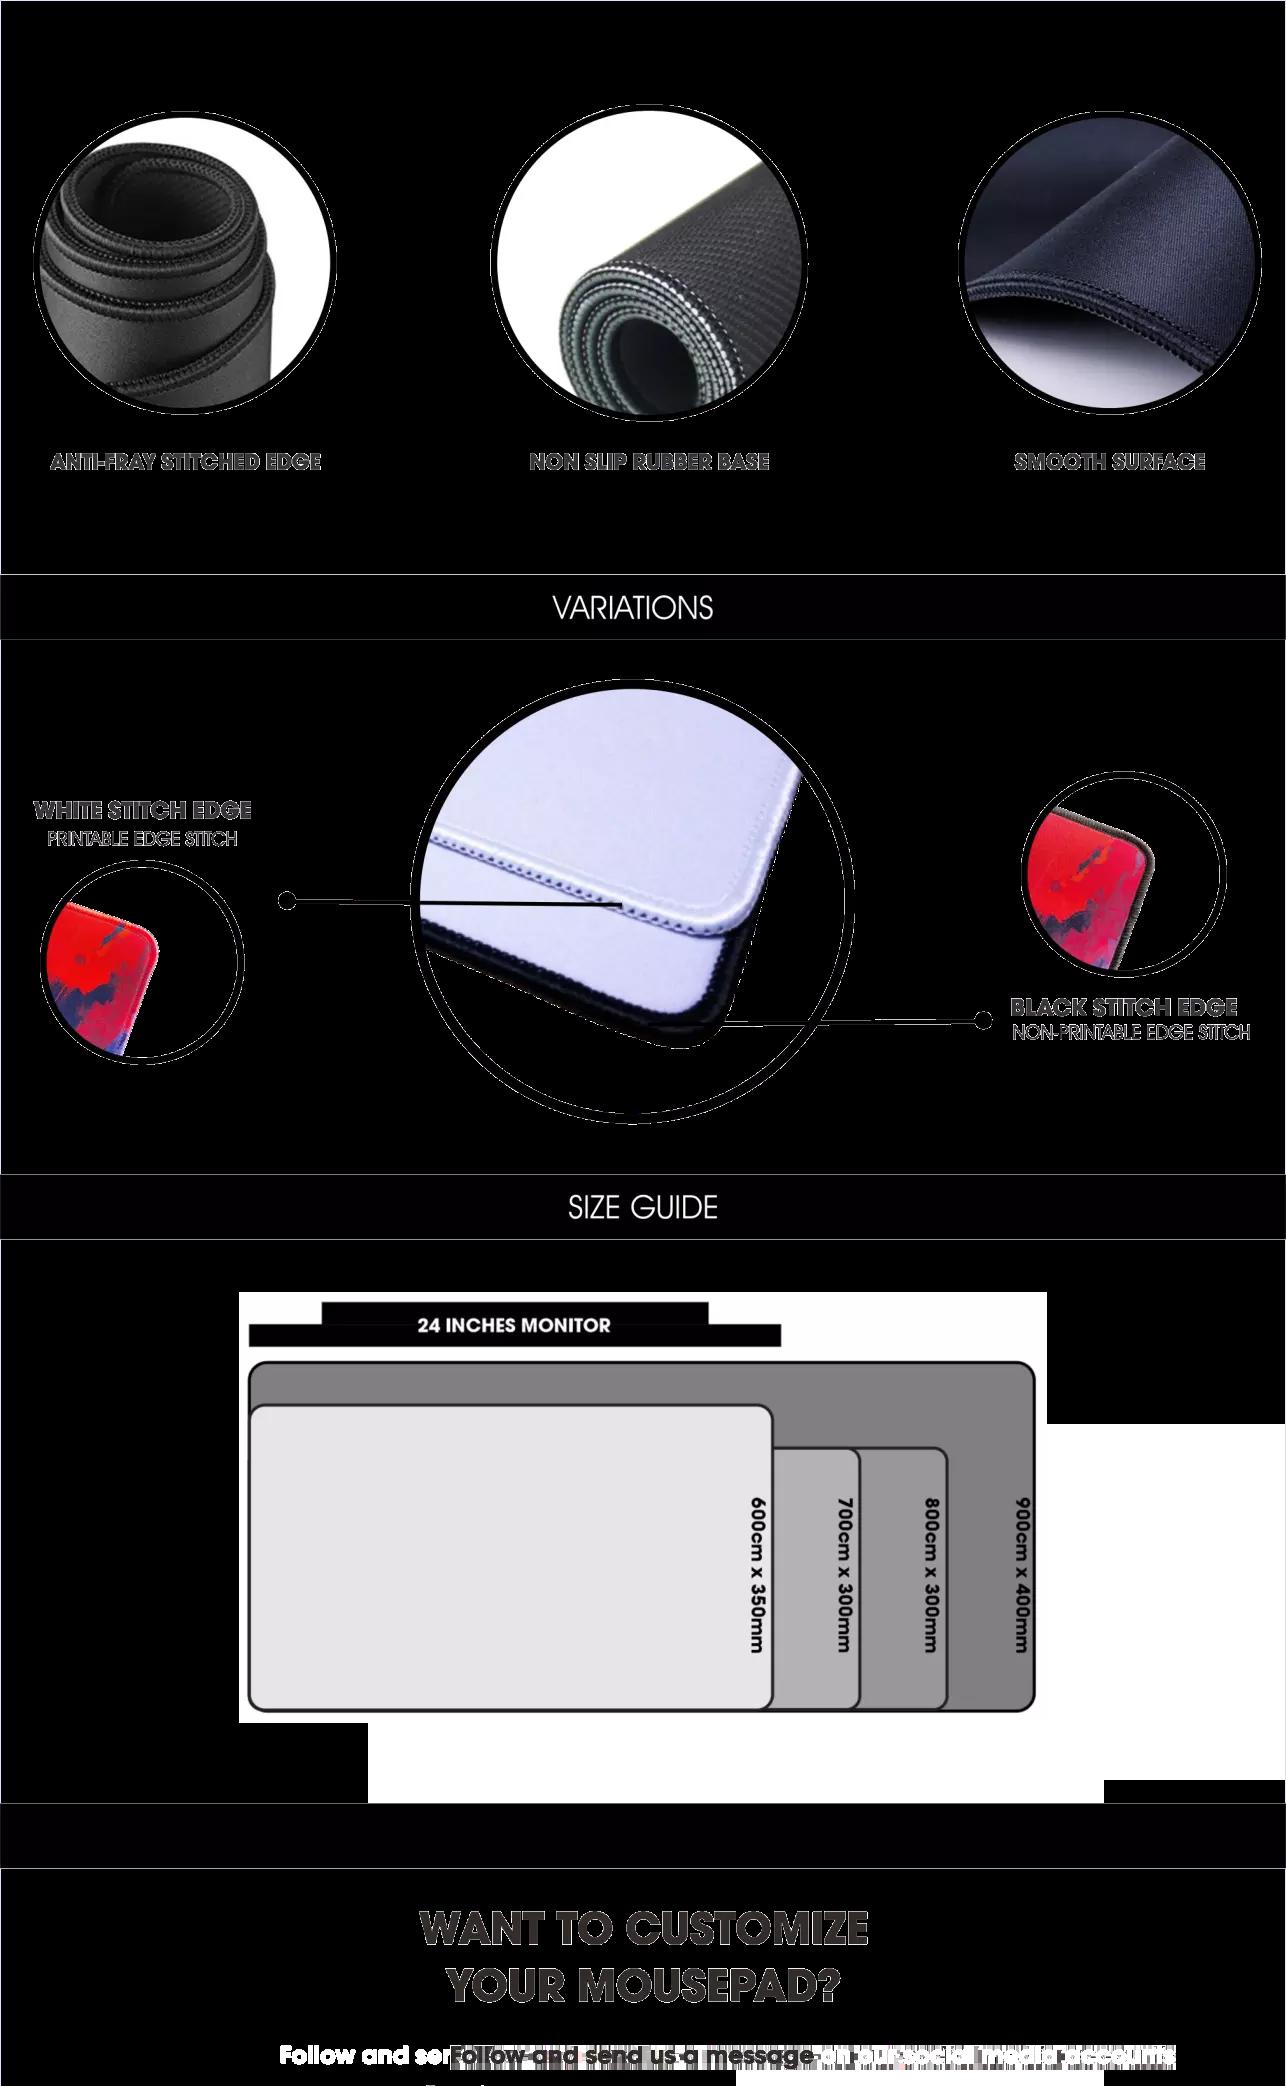 Hae6b5d283cab4234b56739999a14ceb8c - Anime Mousepads